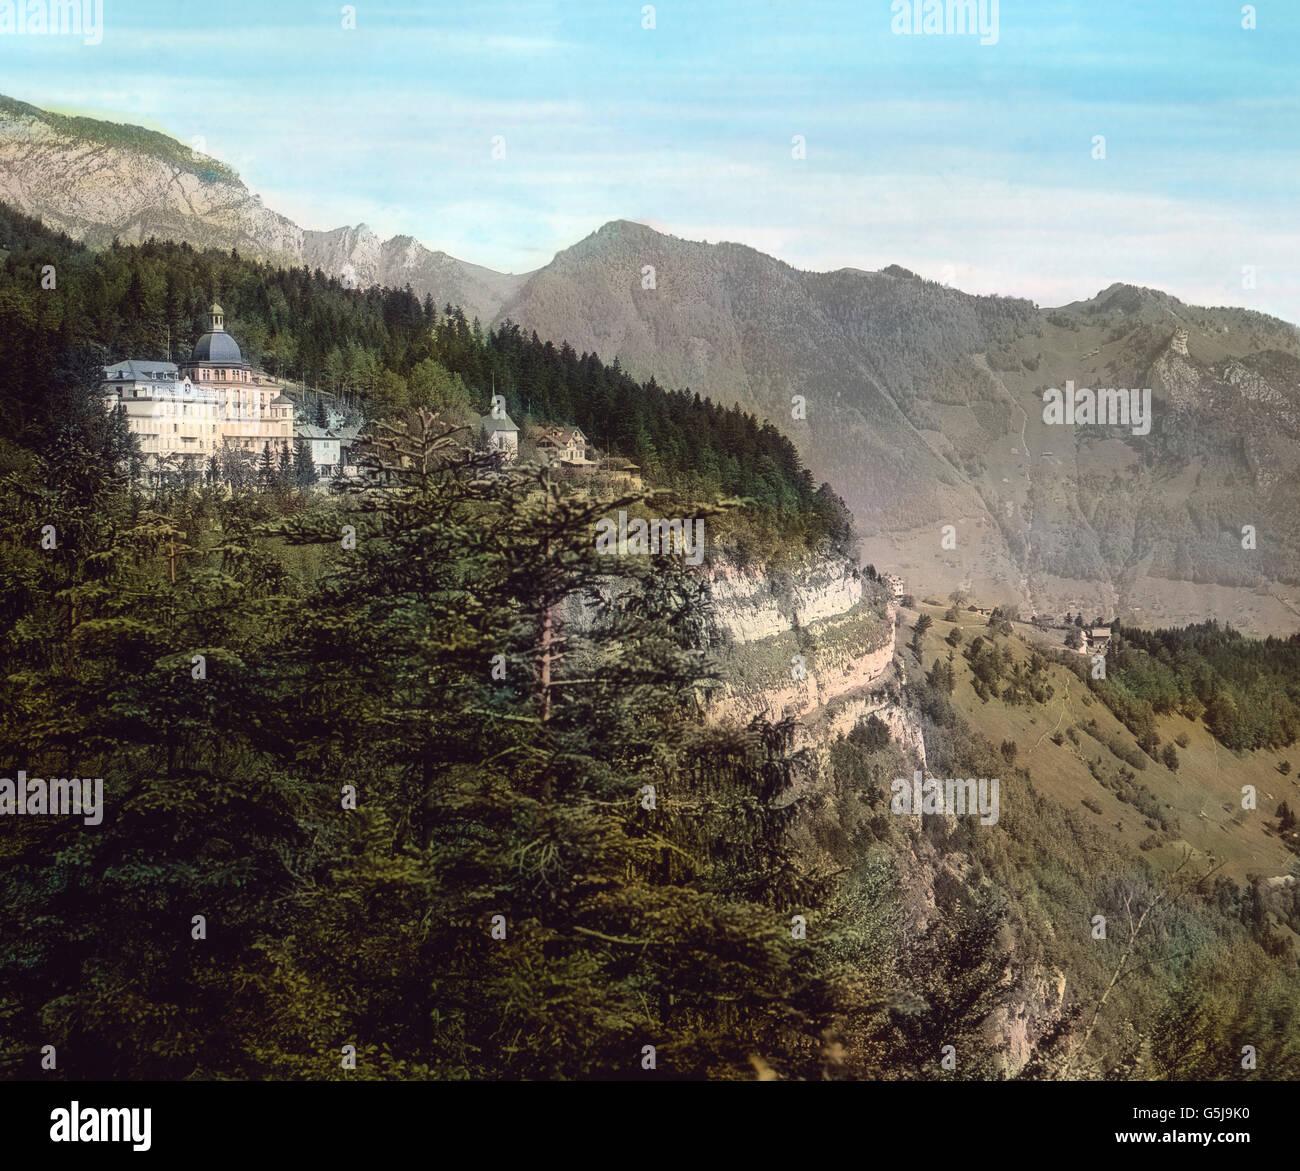 Ansicht der Gemeinde Seelisberg im Kanton Uri in der Schweiz, ca. 1910er Jahre. The municipality of Seelisberg at canton Uri in Switzerland, ca. 1910s. Stock Photo